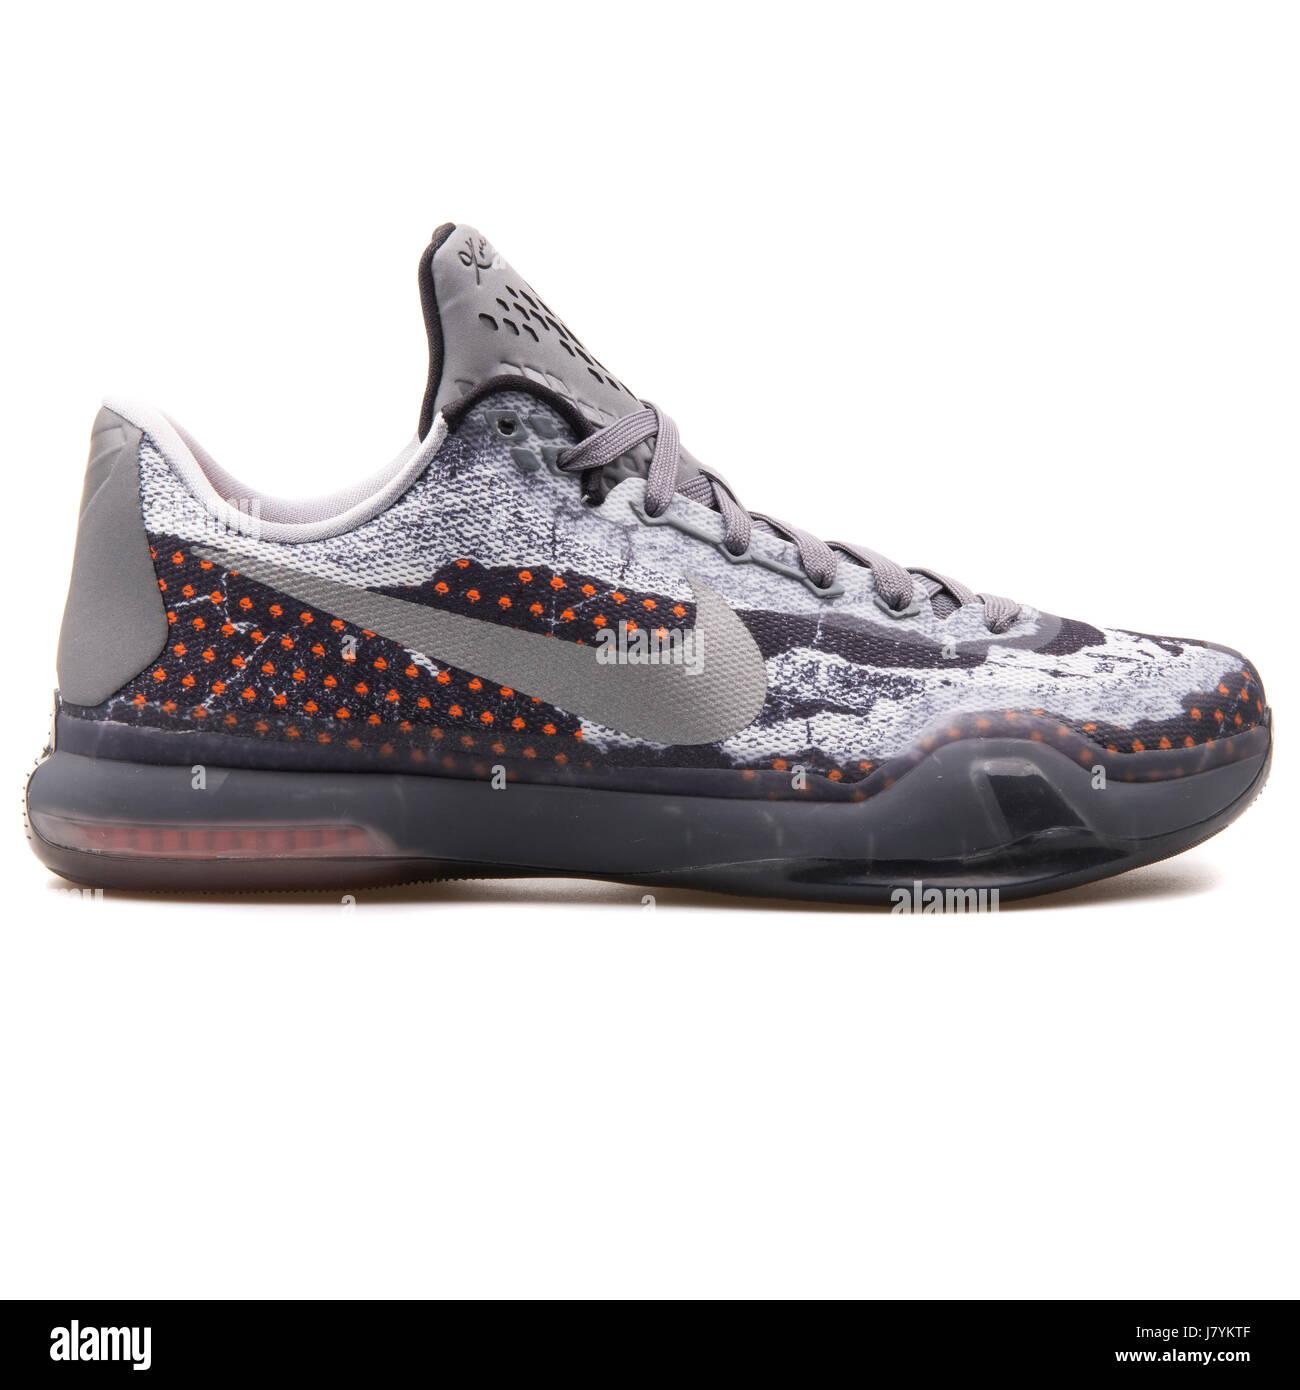 official photos b074d 1779f Nike Kobe X gris rojo zapatillas de baloncesto de los hombres - 705317-001